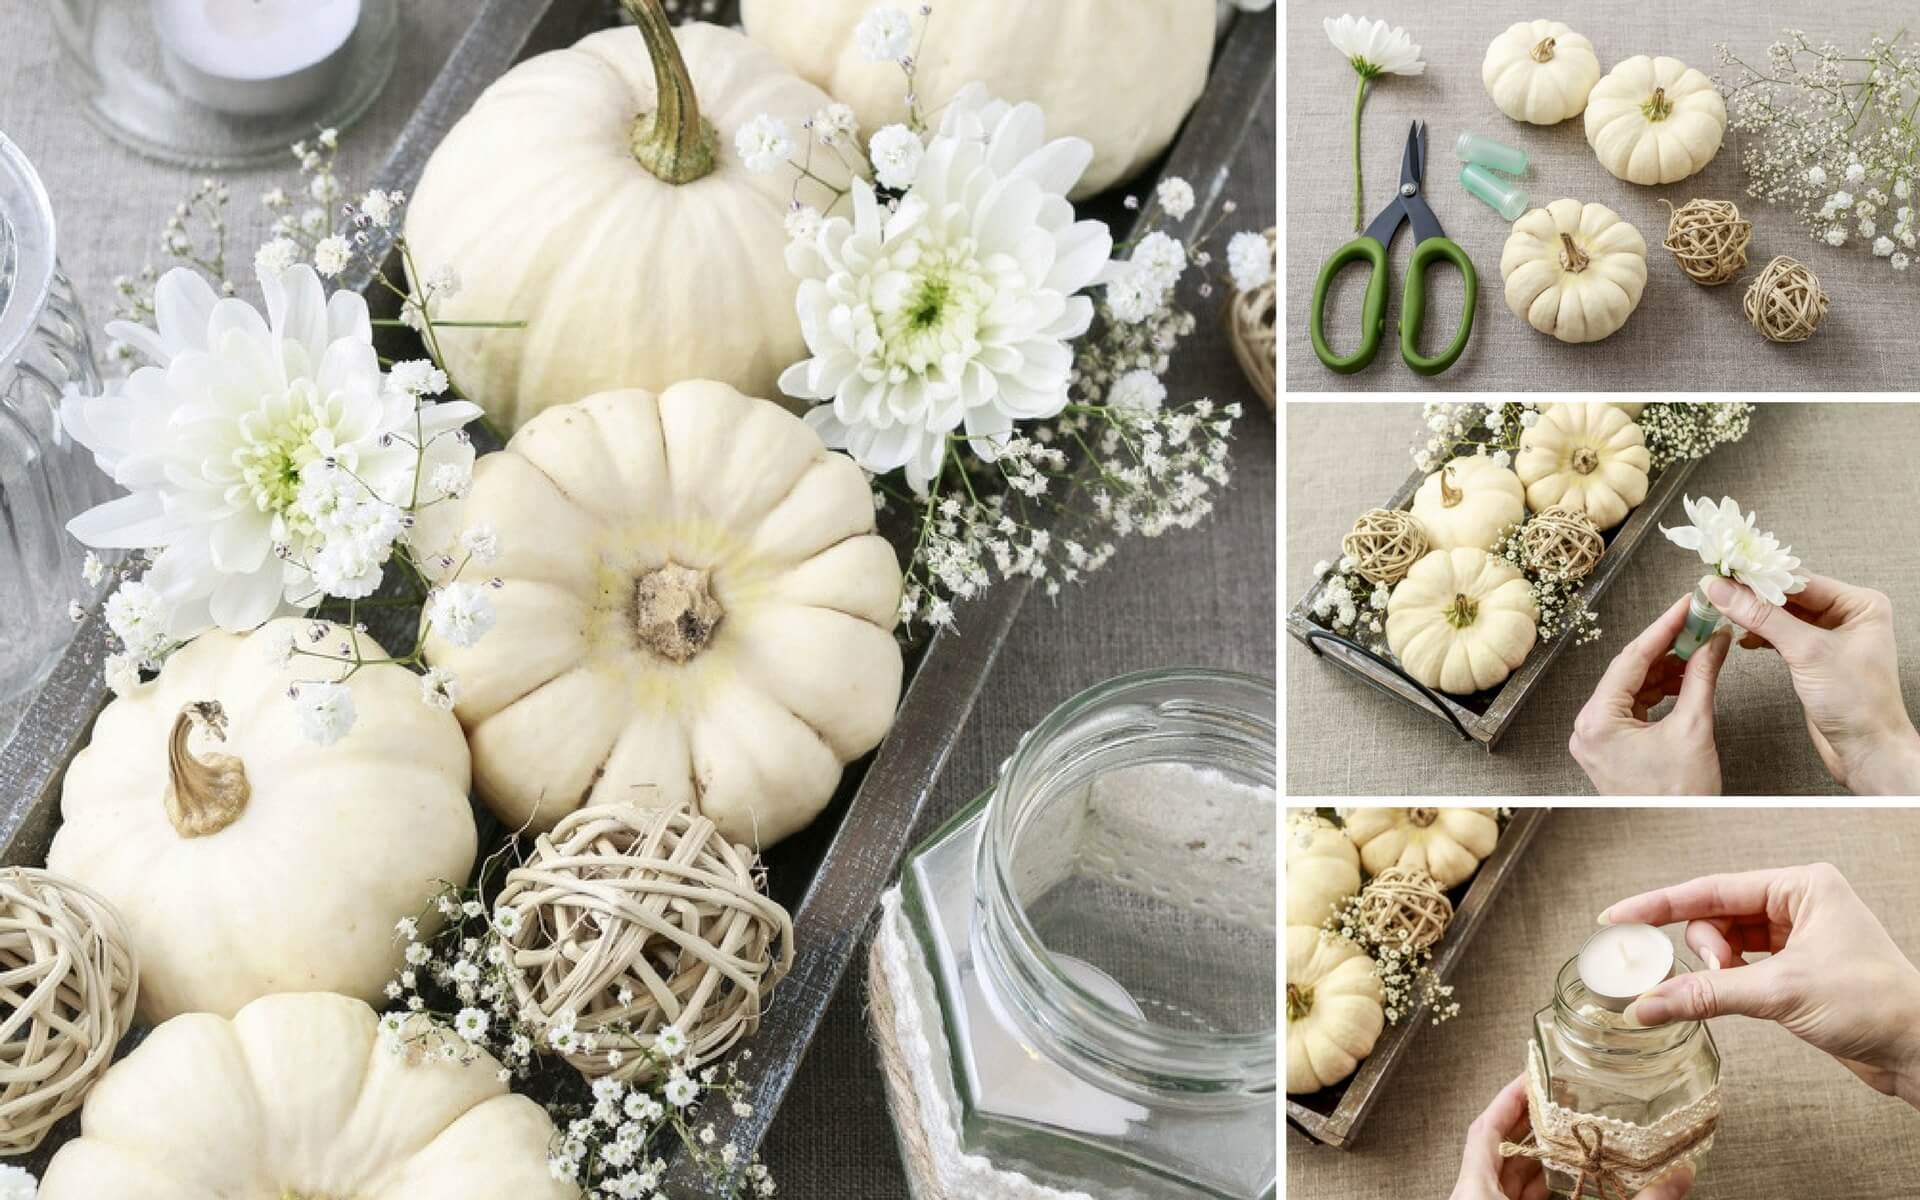 Consigli per realizzare un centrotavola di Halloween con delle zucche bianche